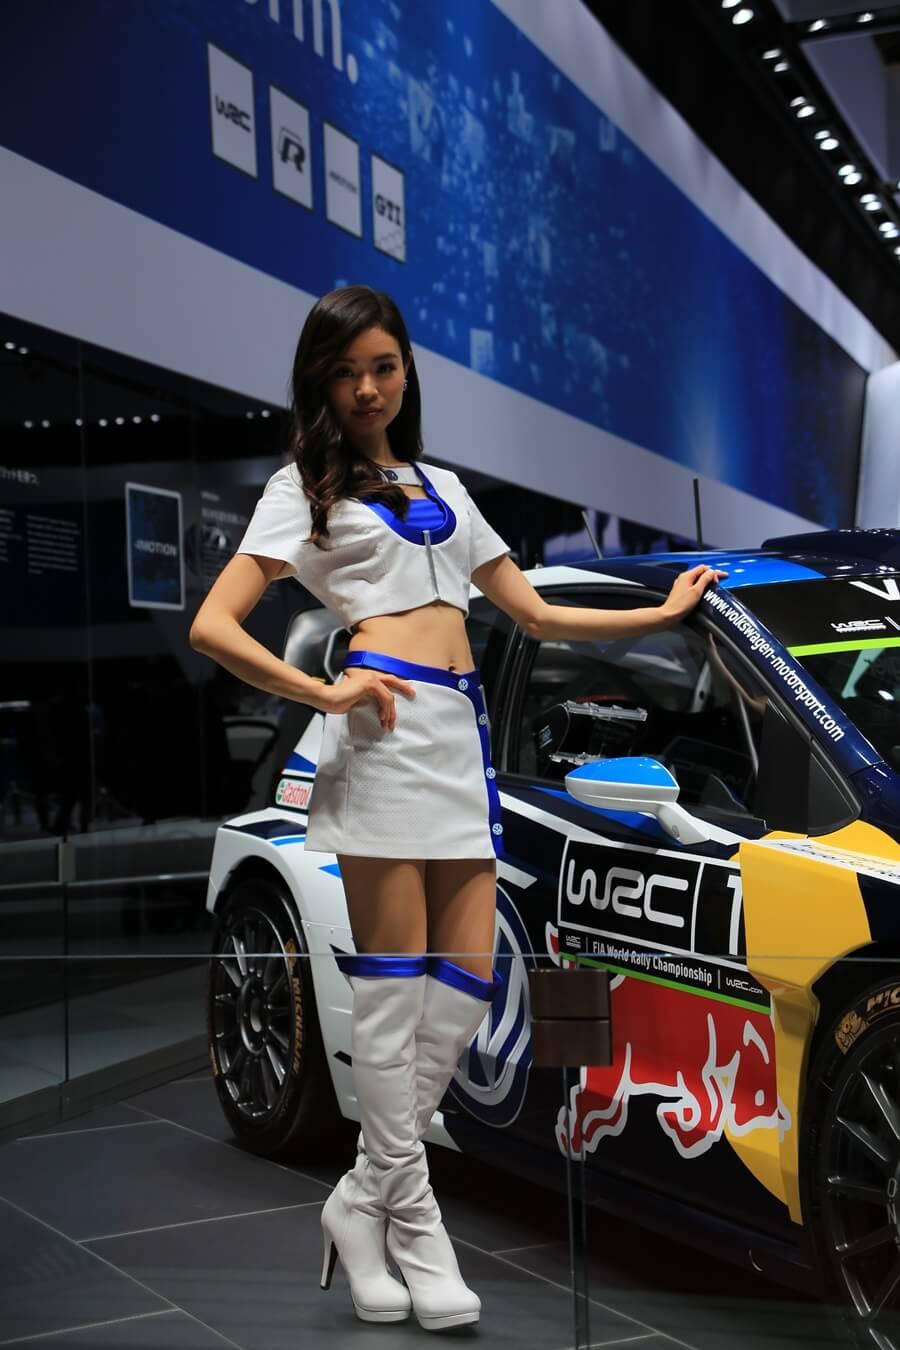 東京モーターショー2015 フォルクスワーゲン コンパニオン Tokyo_motor_show_2015_volkswagen (4)